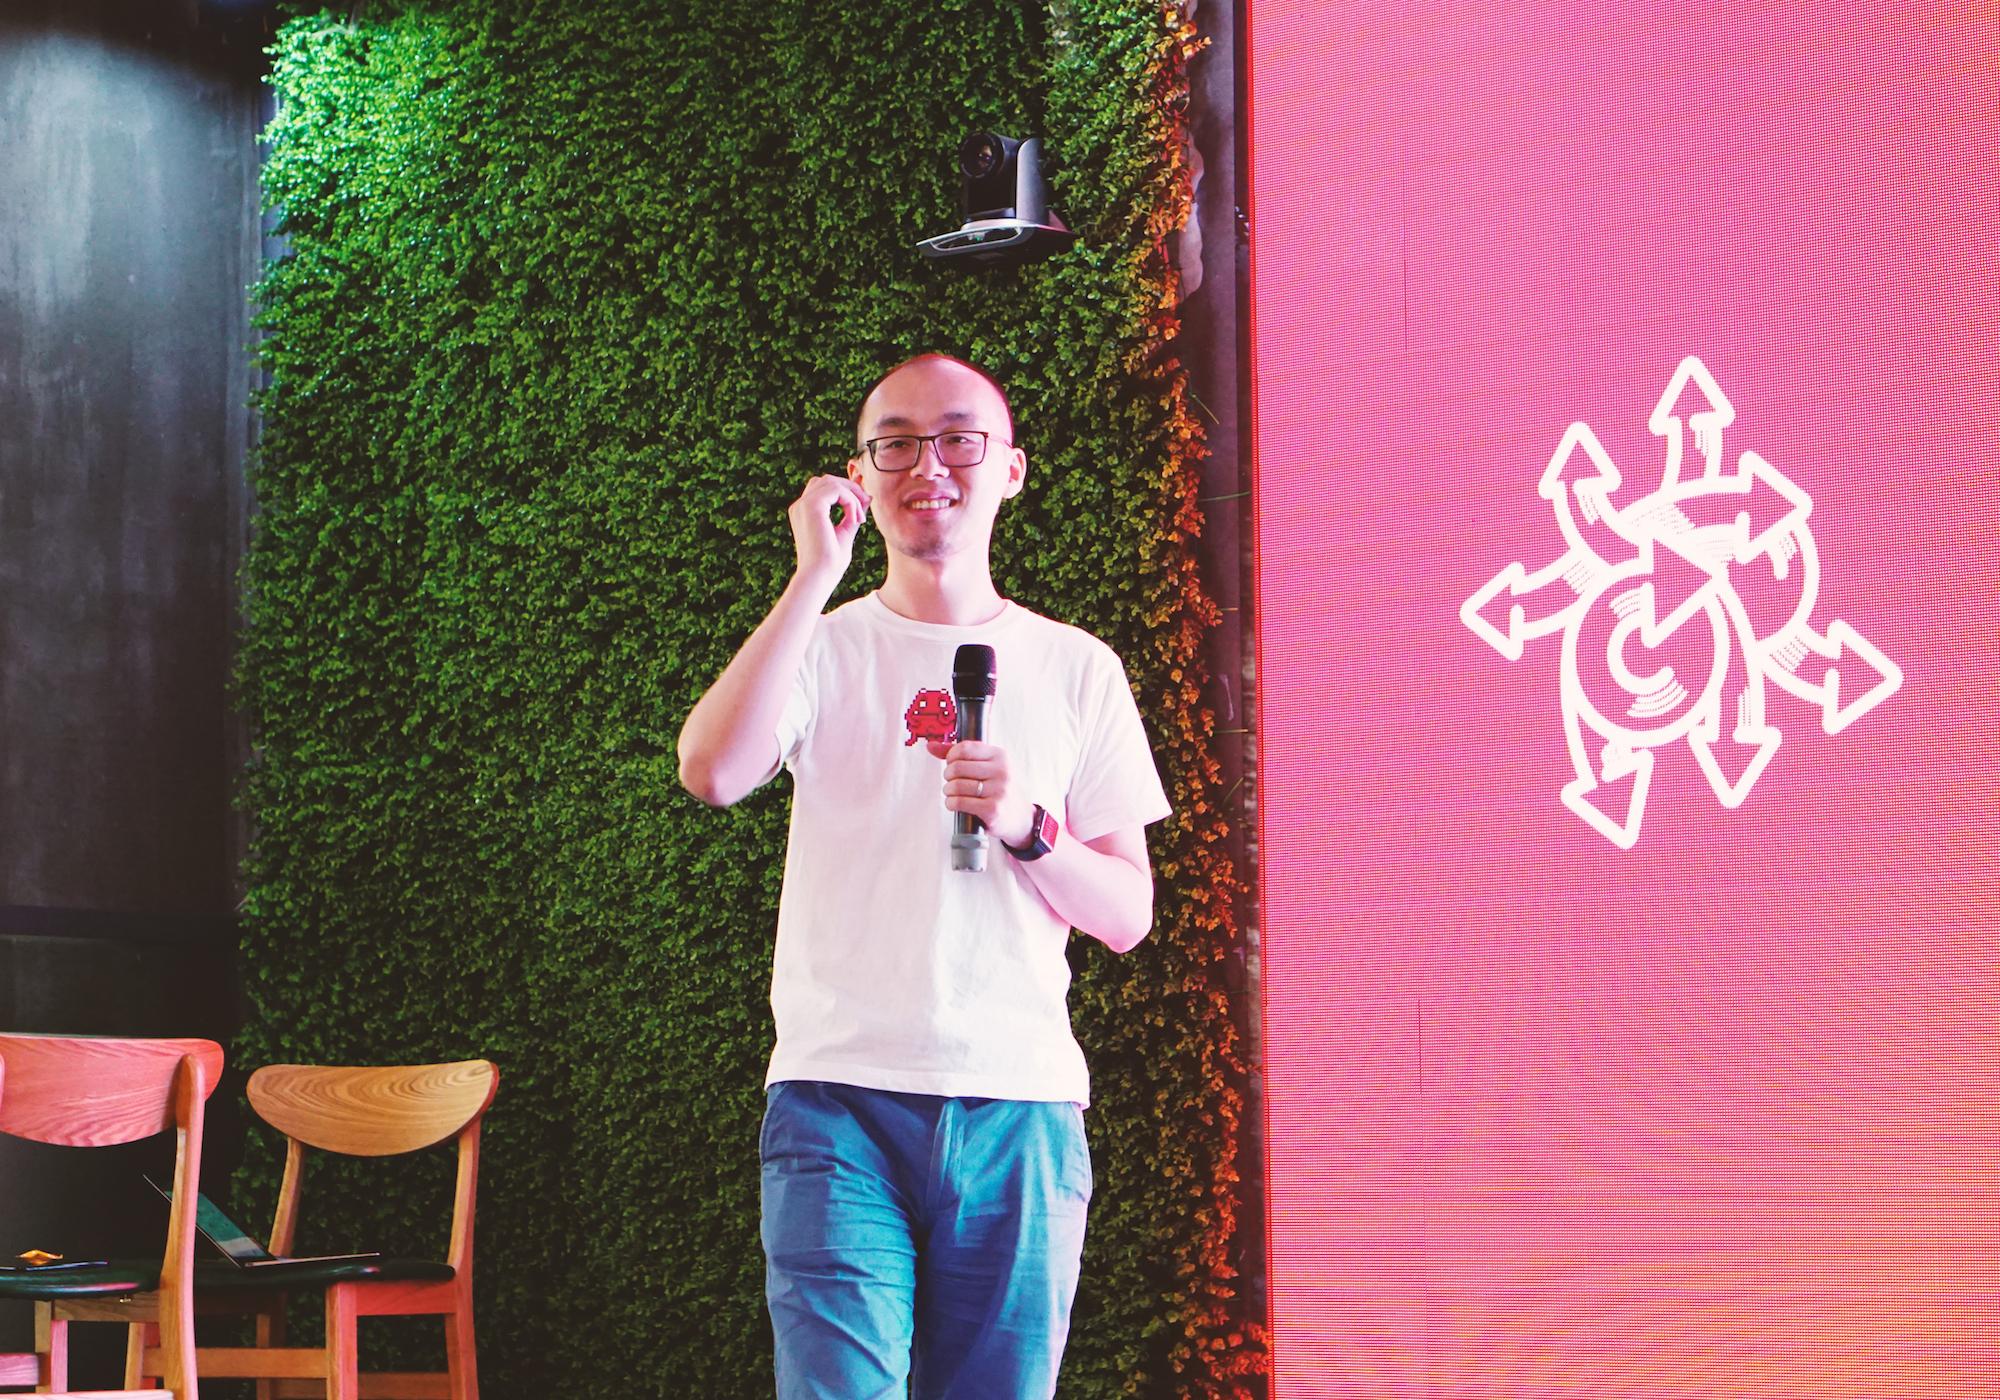 设计师如何推动自己想法?专访百度UI设计师JJ Ying